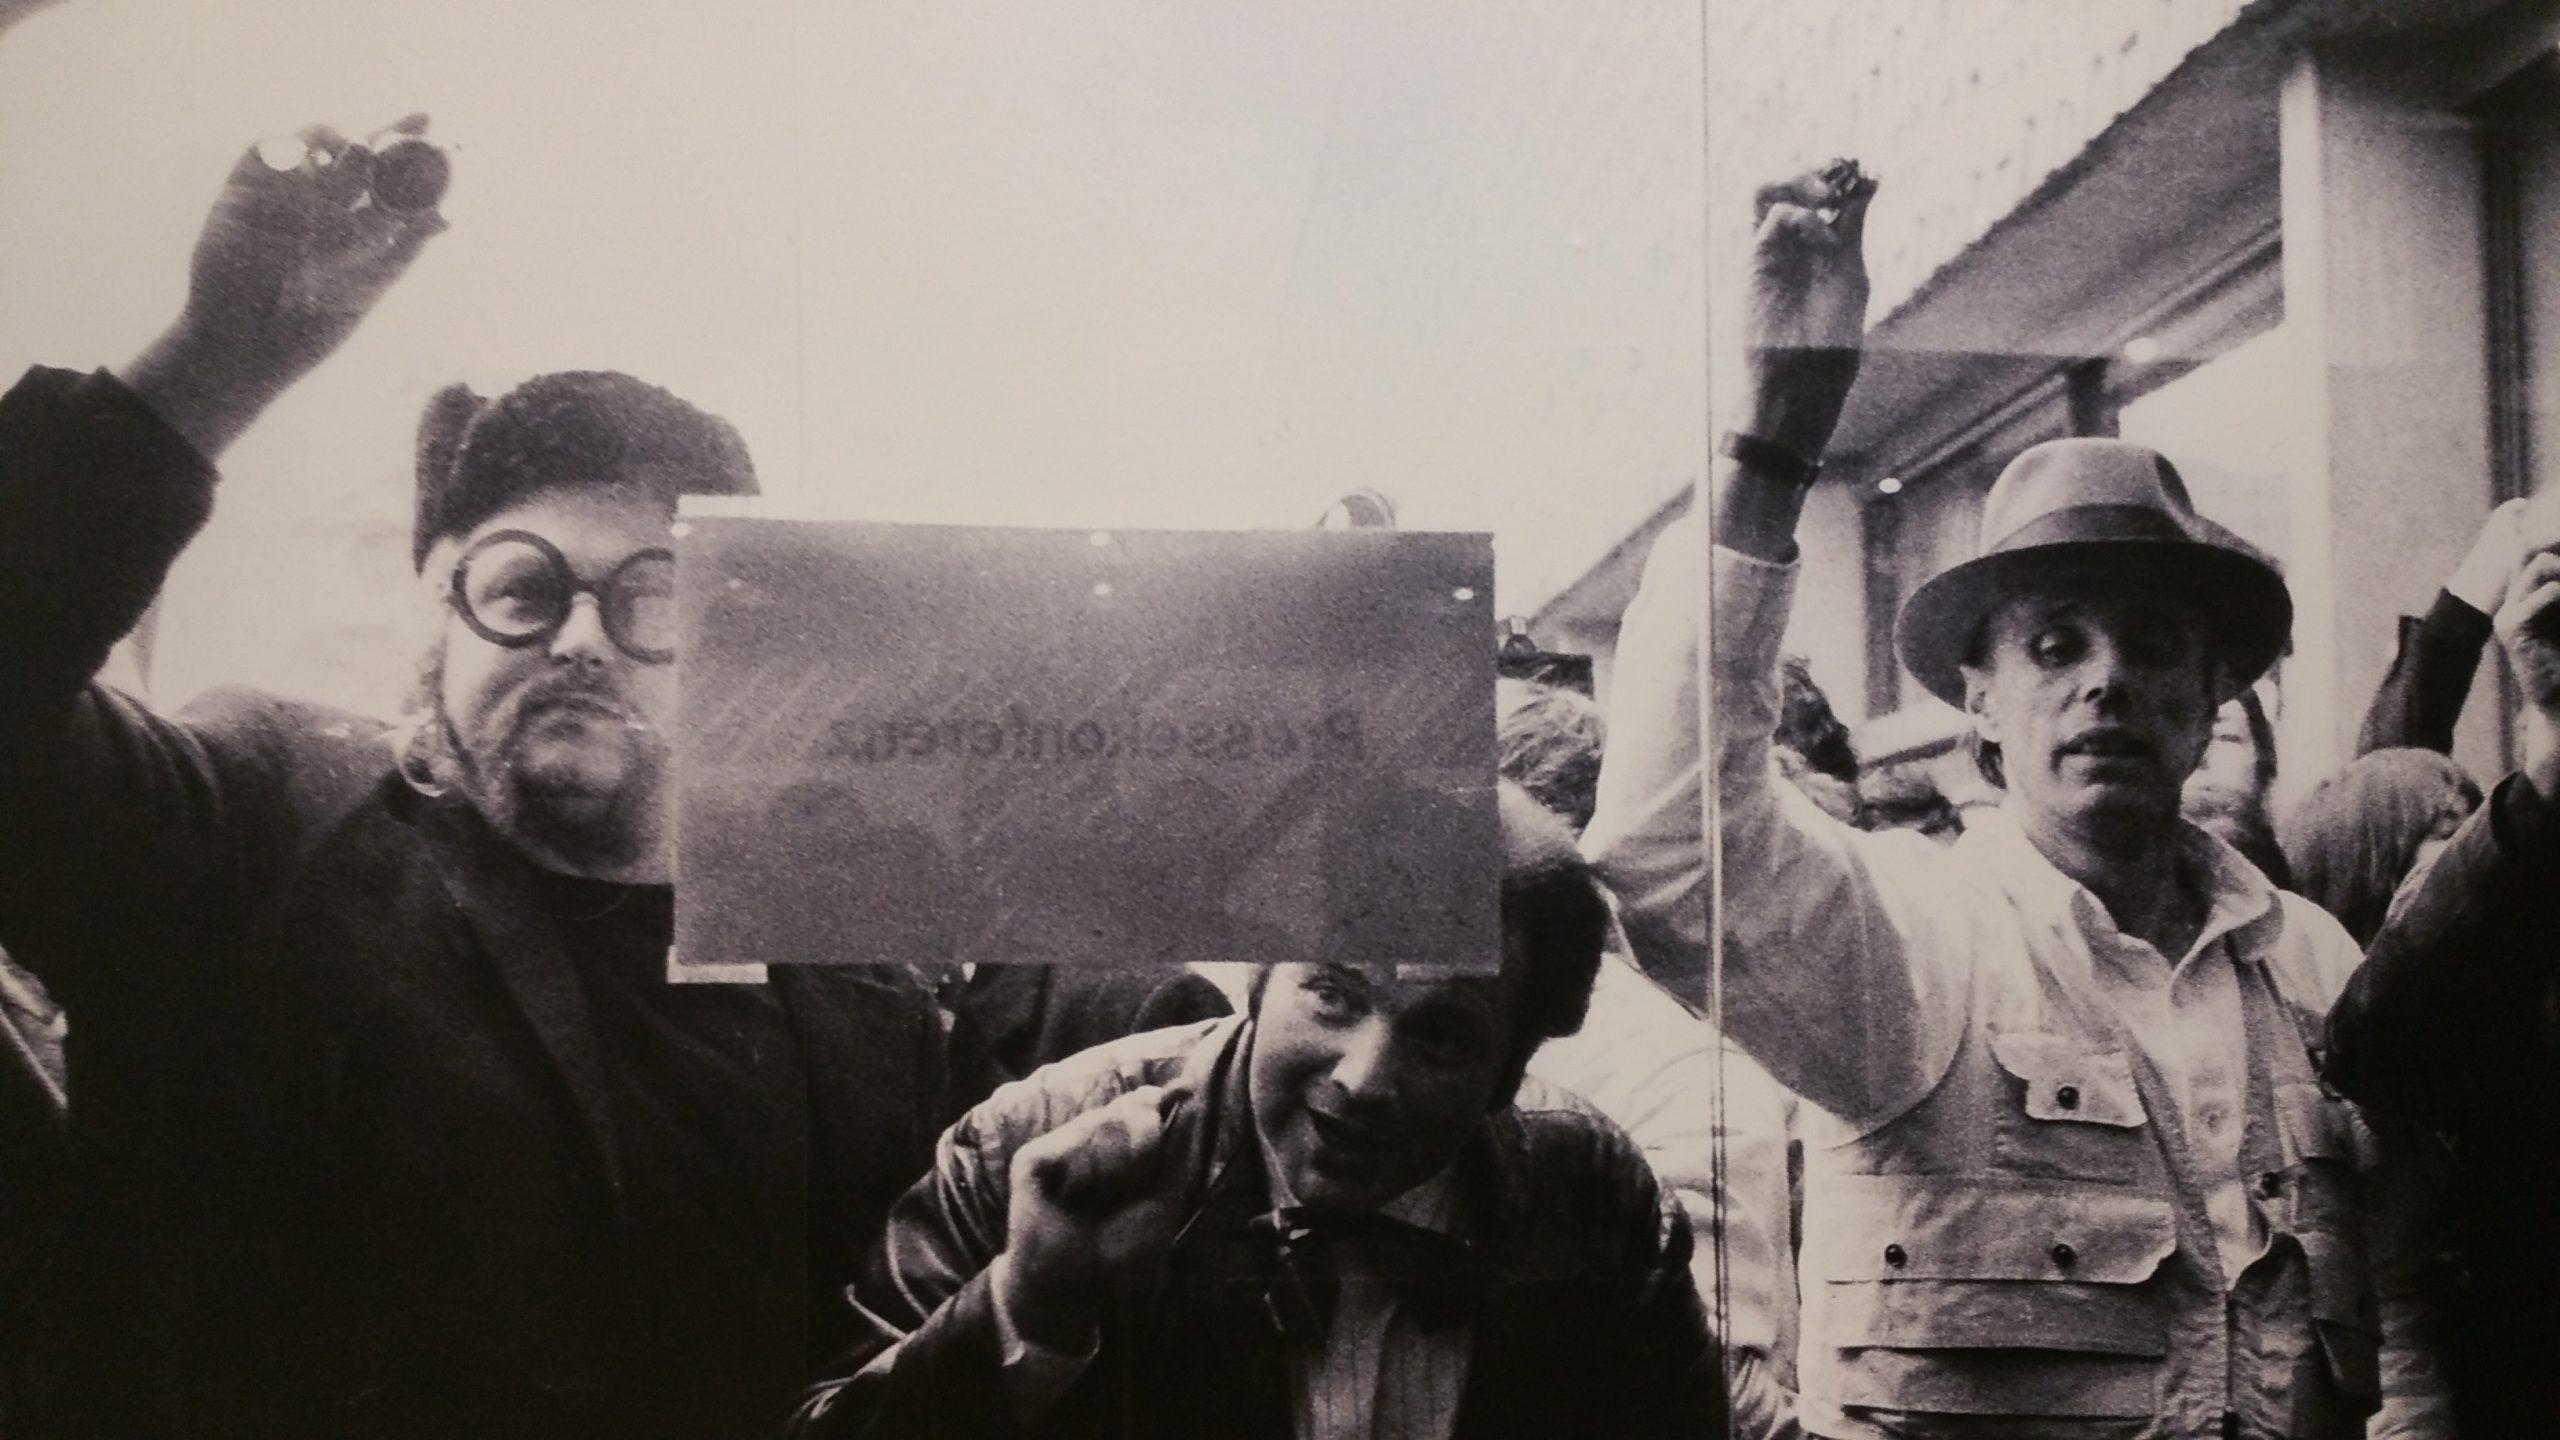 Wolf Vostell und Joseph Beuys pochen 1969 an die Pforten des Kölner Kunstmarktes